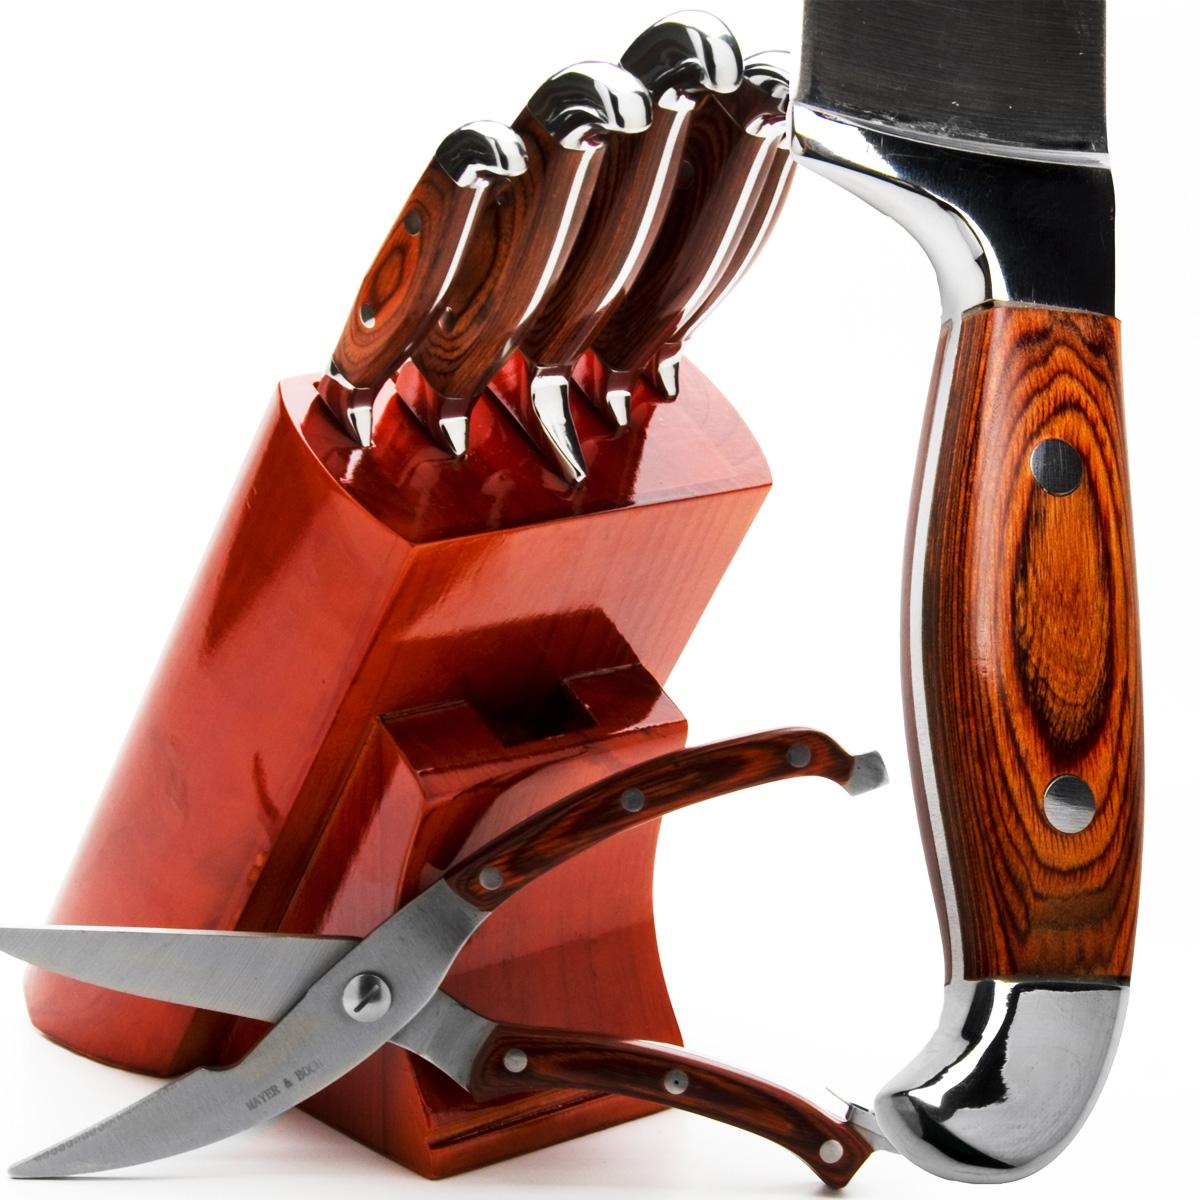 Набор ножей Mayer & Boch, 7 предметов. 2362423624Набор ножей Mayer & Boch состоит из 5 ножей, ножниц и подставки. Ножи и ножницы выполнены из нержавеющей стали, ручки из дерева. Удобная деревянная подставка поможет хранить все ножи в одном месте. Оригинальный набор ножей великолепно украсит интерьер кухни и станет замечательным помощником. Можно мыть в посудомоечной машине. Длина лезвия поварского ножа: 20,3 см. Общая длина поварского ножа: 33 см. Длина лезвия хлебного ножа: 20,3 см. Общая длина хлебного ножа: 33 см. Длина лезвия разделочного ножа: 20,3 см. Общая длина разделочного ножа: 33 см. Длина лезвия универсального ножа: 12,7 см. Общая длина универсального ножа: 24 см. Длина лезвия ножа для очистки: 8,9 см. Общая длина ножа для очистки: 20 см. Длина лезвия ножниц: 9 см. Размер ножниц: 26 см х 5 см х 2 см. Размер подставки: 16,5 см х 13 см х 22 см.